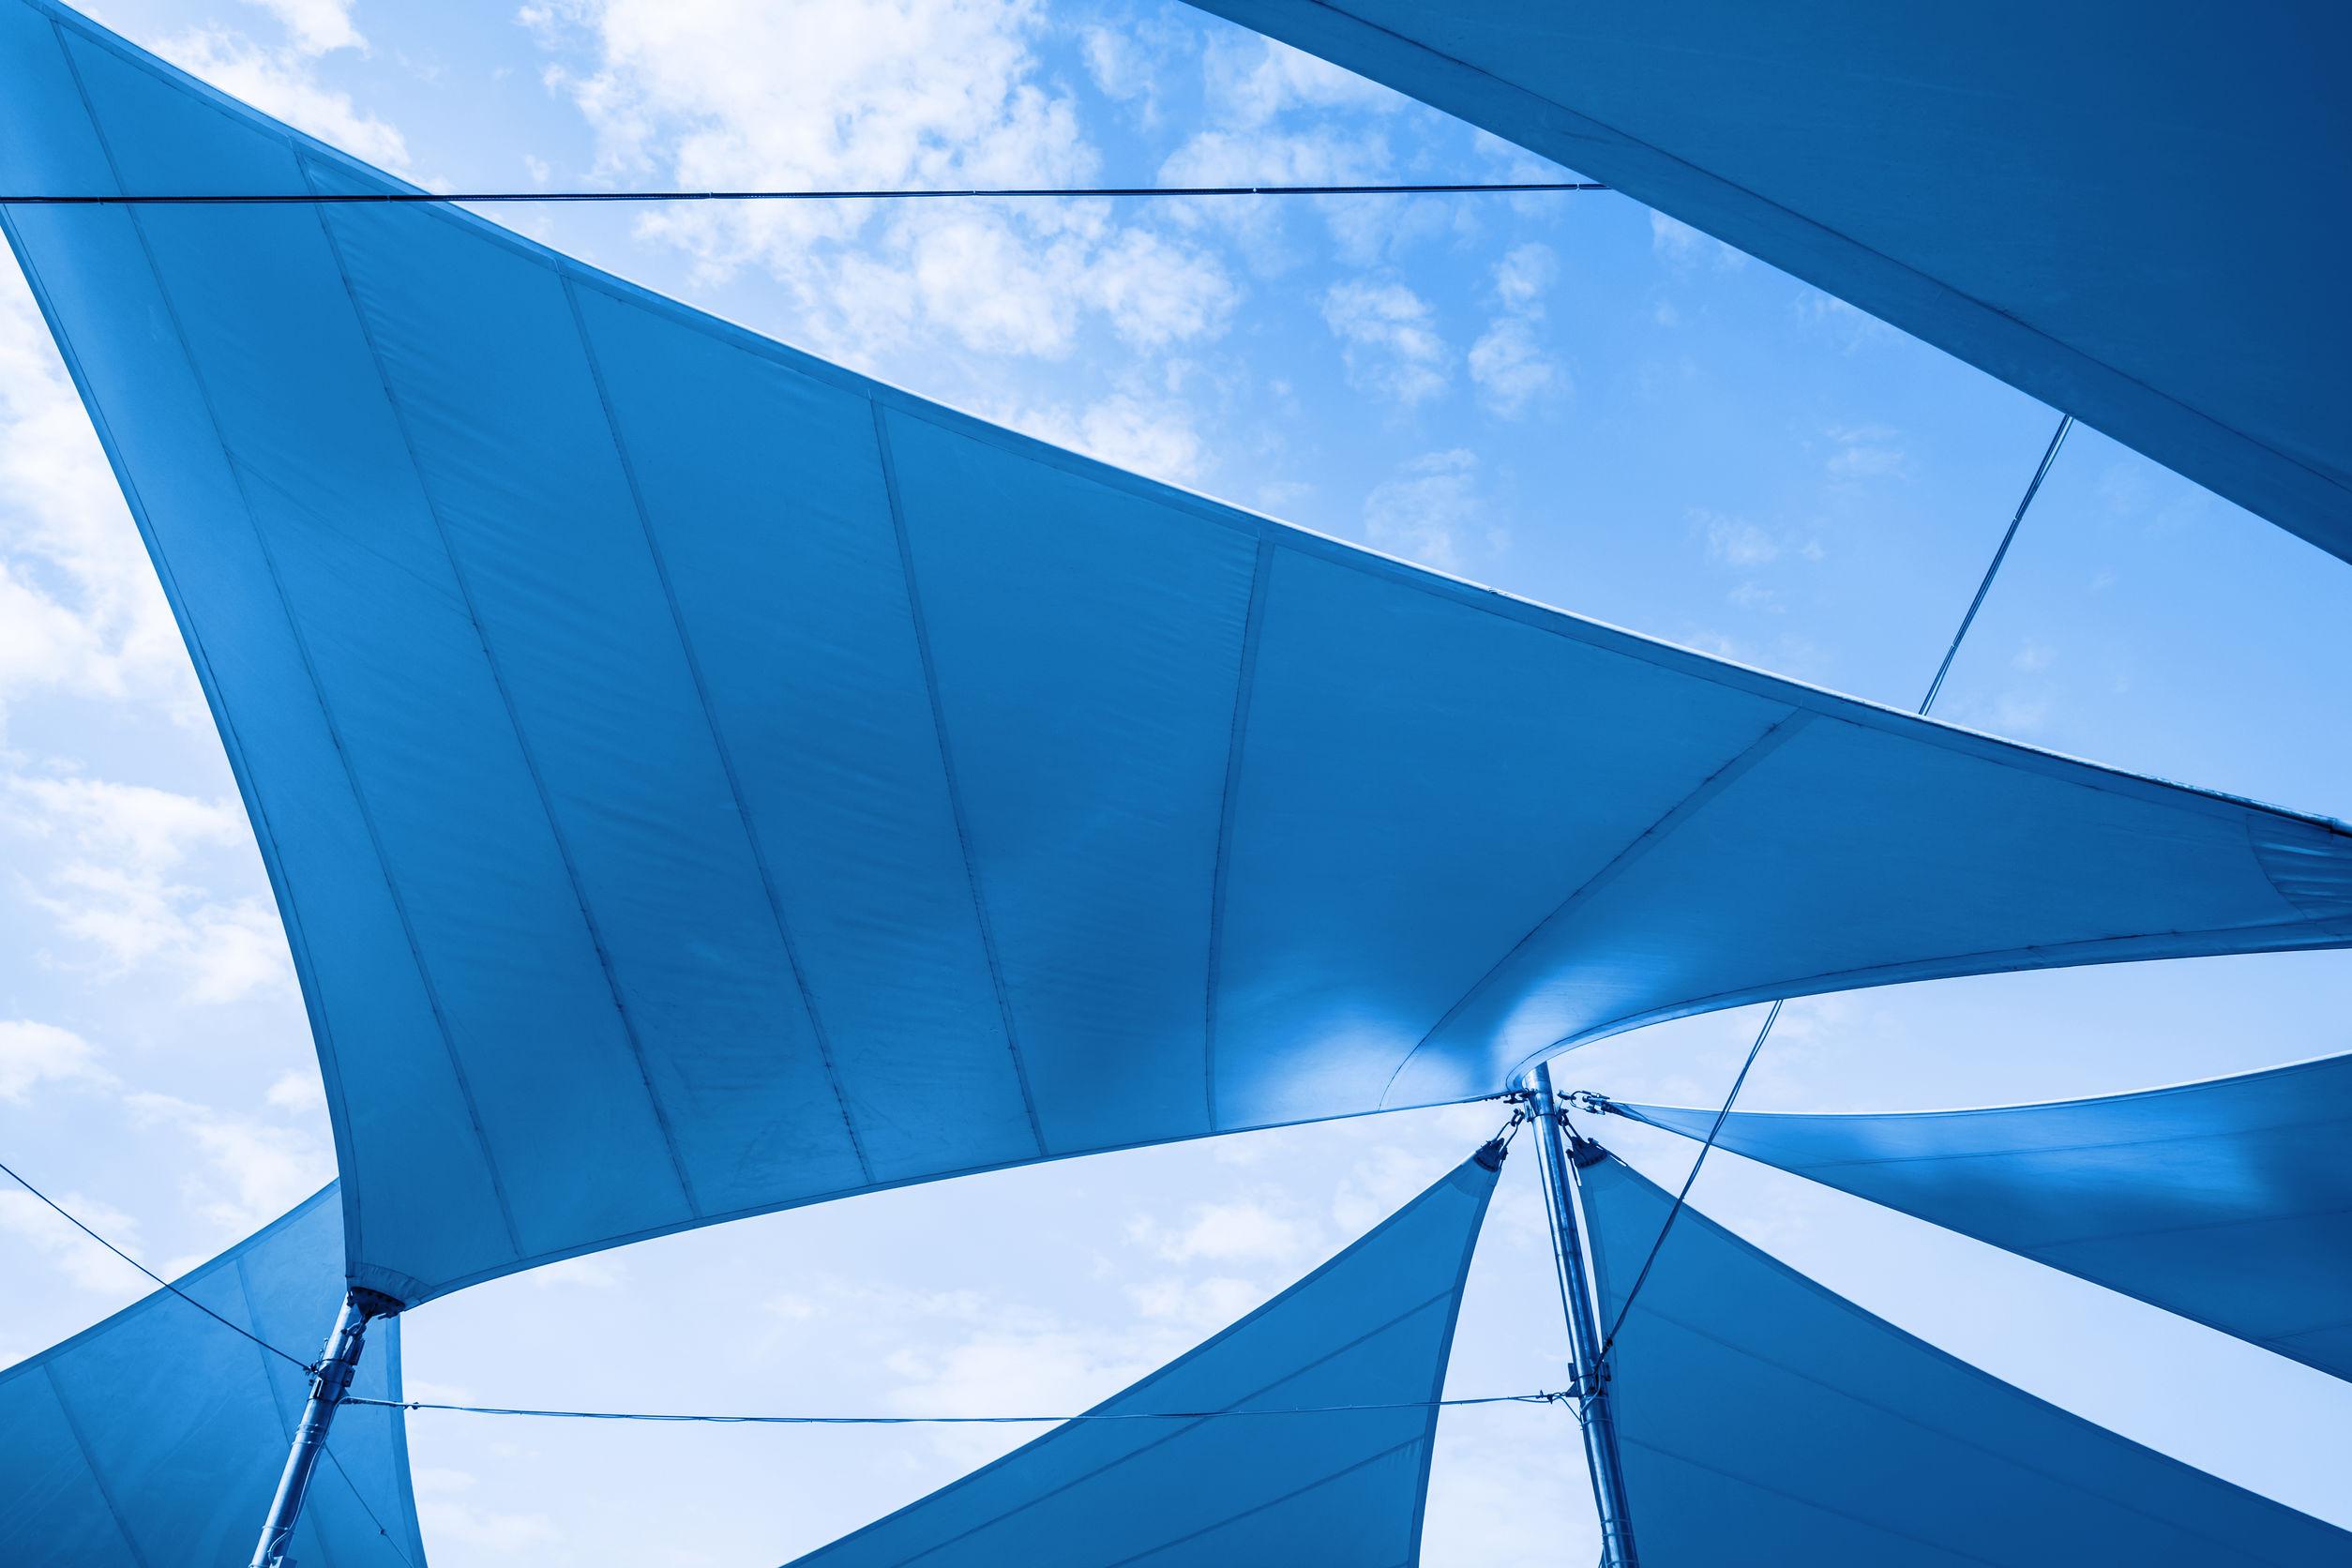 Aufrollbares Sonnensegel: Test & Empfehlungen (10/20)